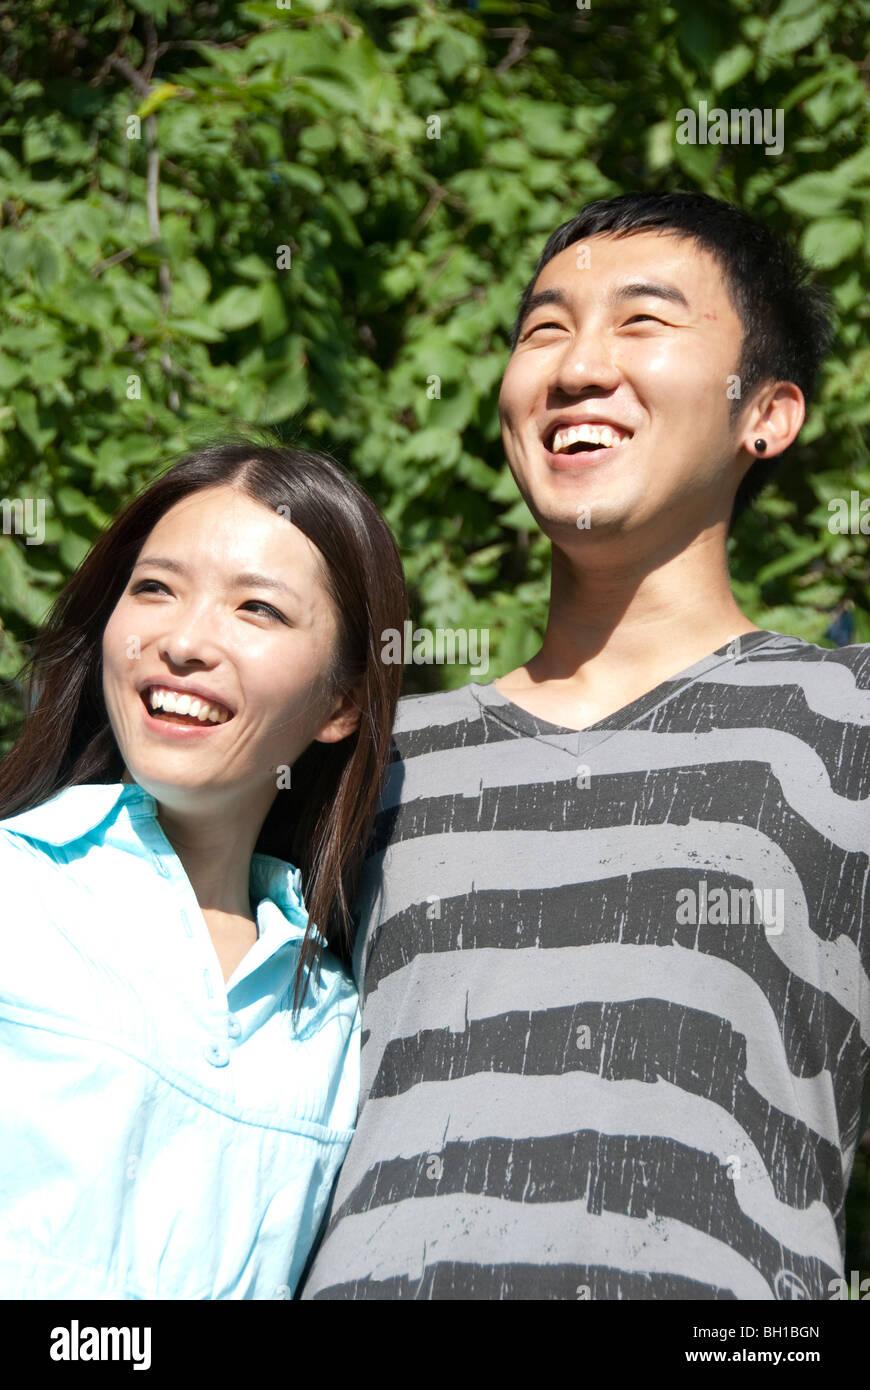 Coppia giovane di etnia asiatica in Assiniboine Park, Winnipeg, Manitoba, Canada Immagini Stock